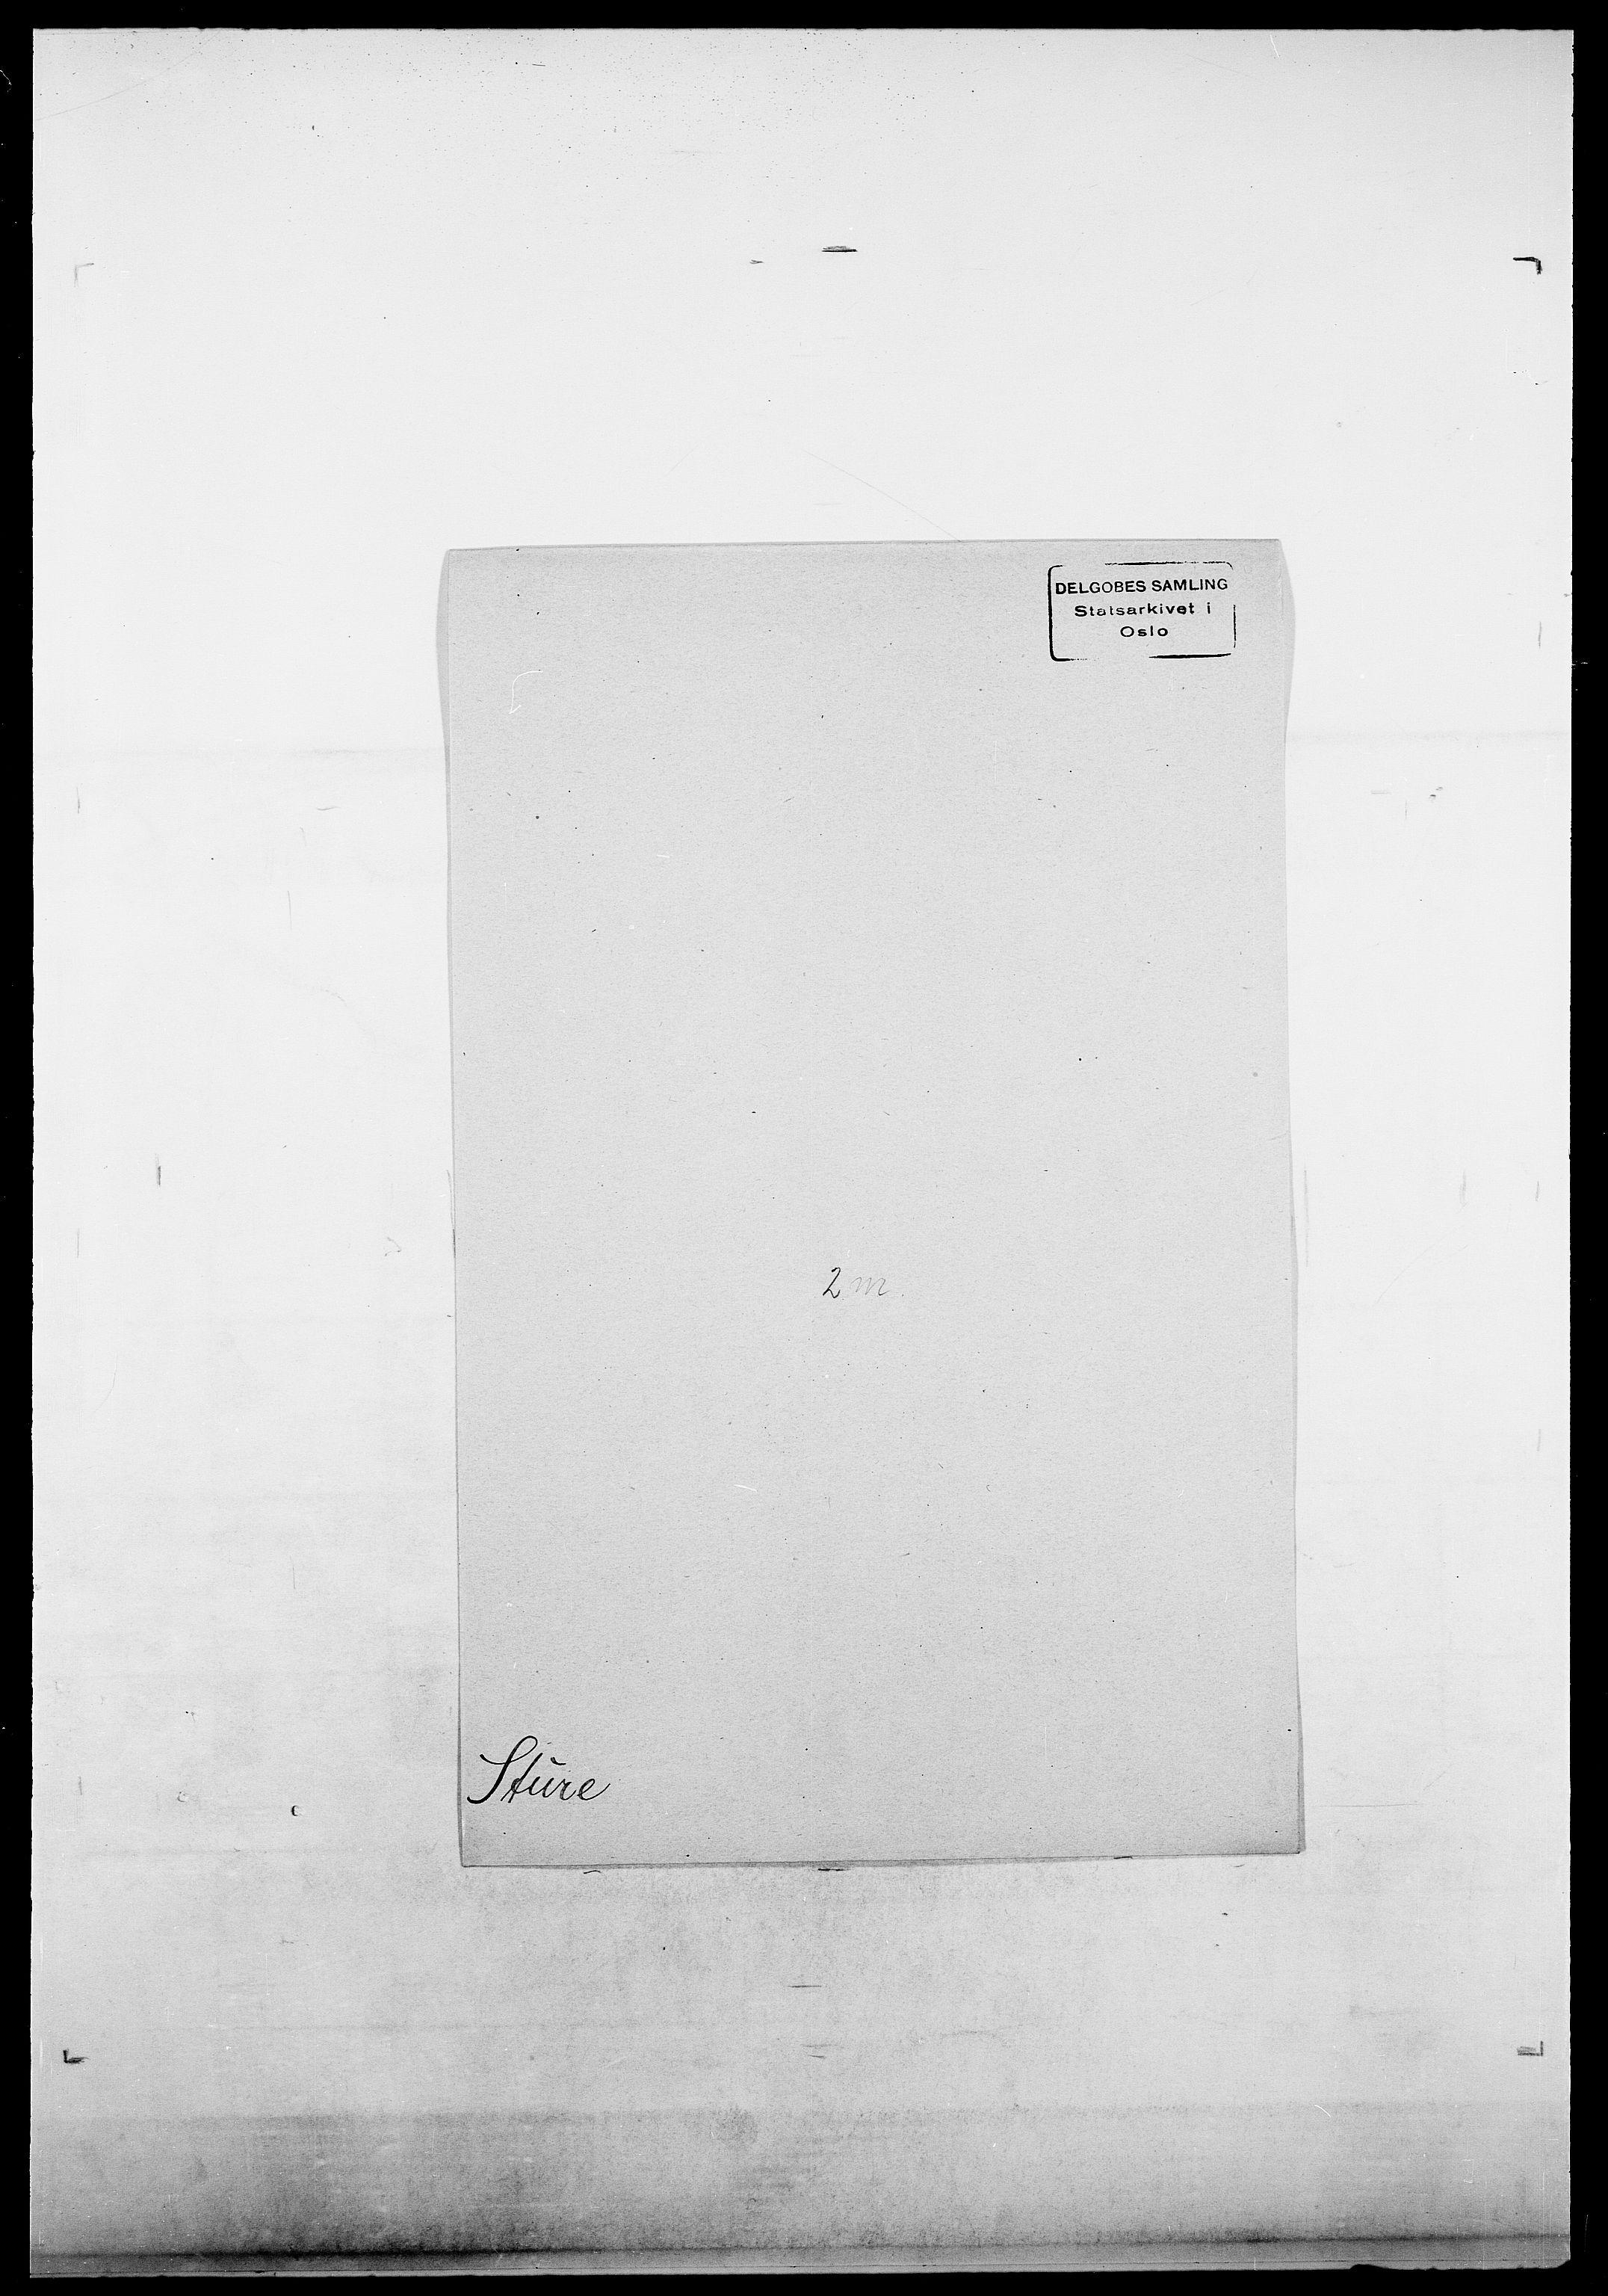 SAO, Delgobe, Charles Antoine - samling, D/Da/L0037: Steen, Sthen, Stein - Svare, Svanige, Svanne, se også Svanning og Schwane, s. 808